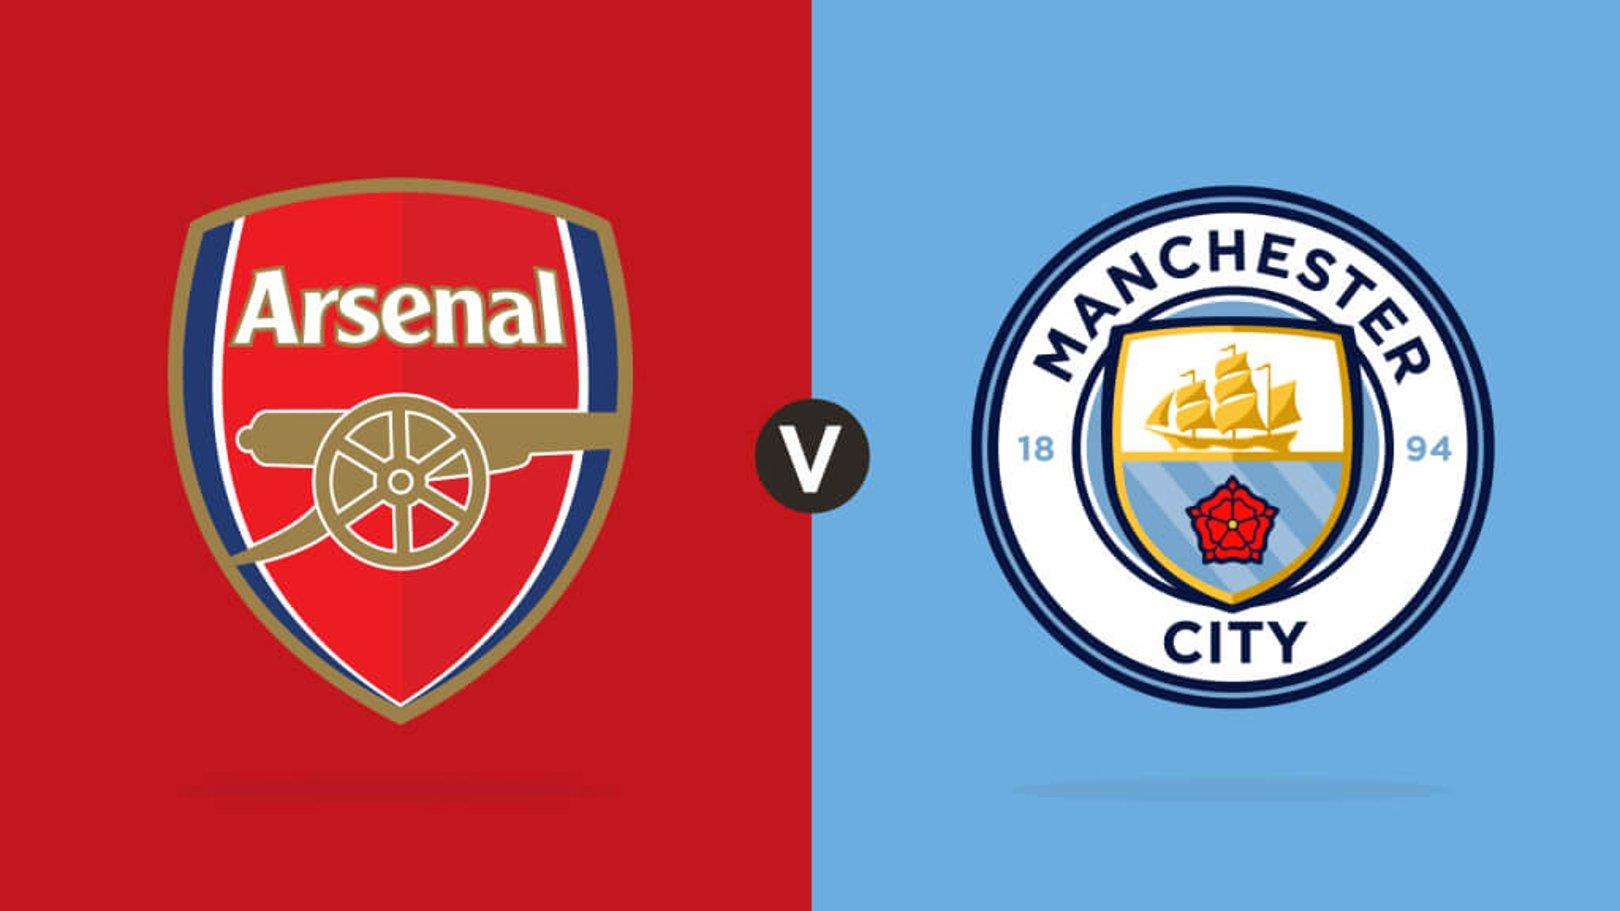 Arsenal v Manchester City Match LIVE